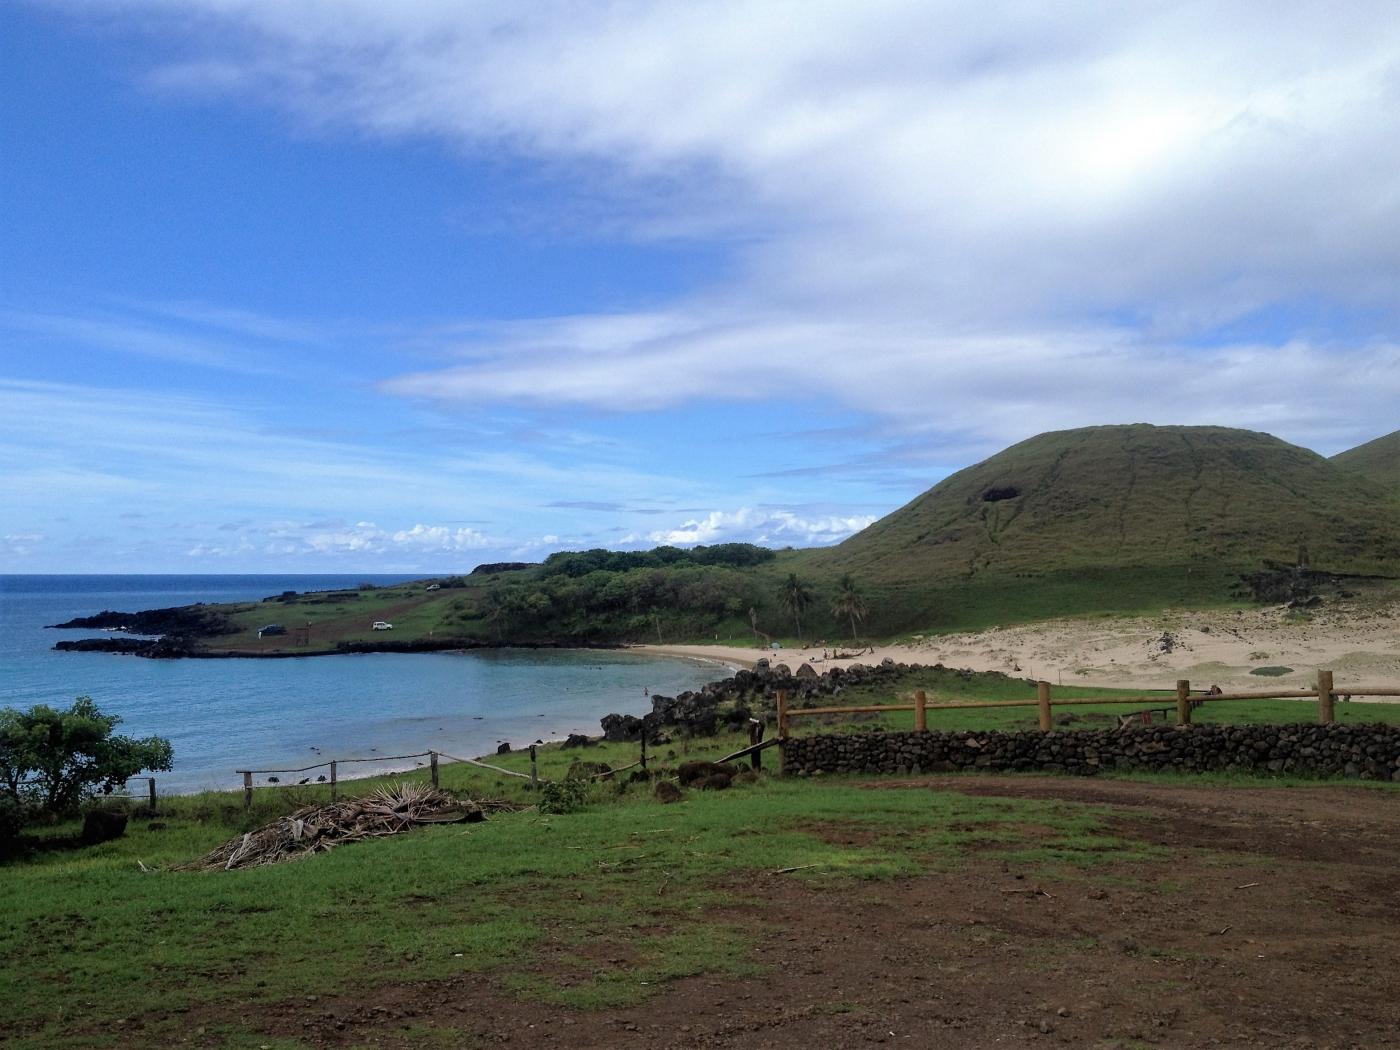 《我行故我在》之《復活節島:南太平洋的神秘之地》_图1-14